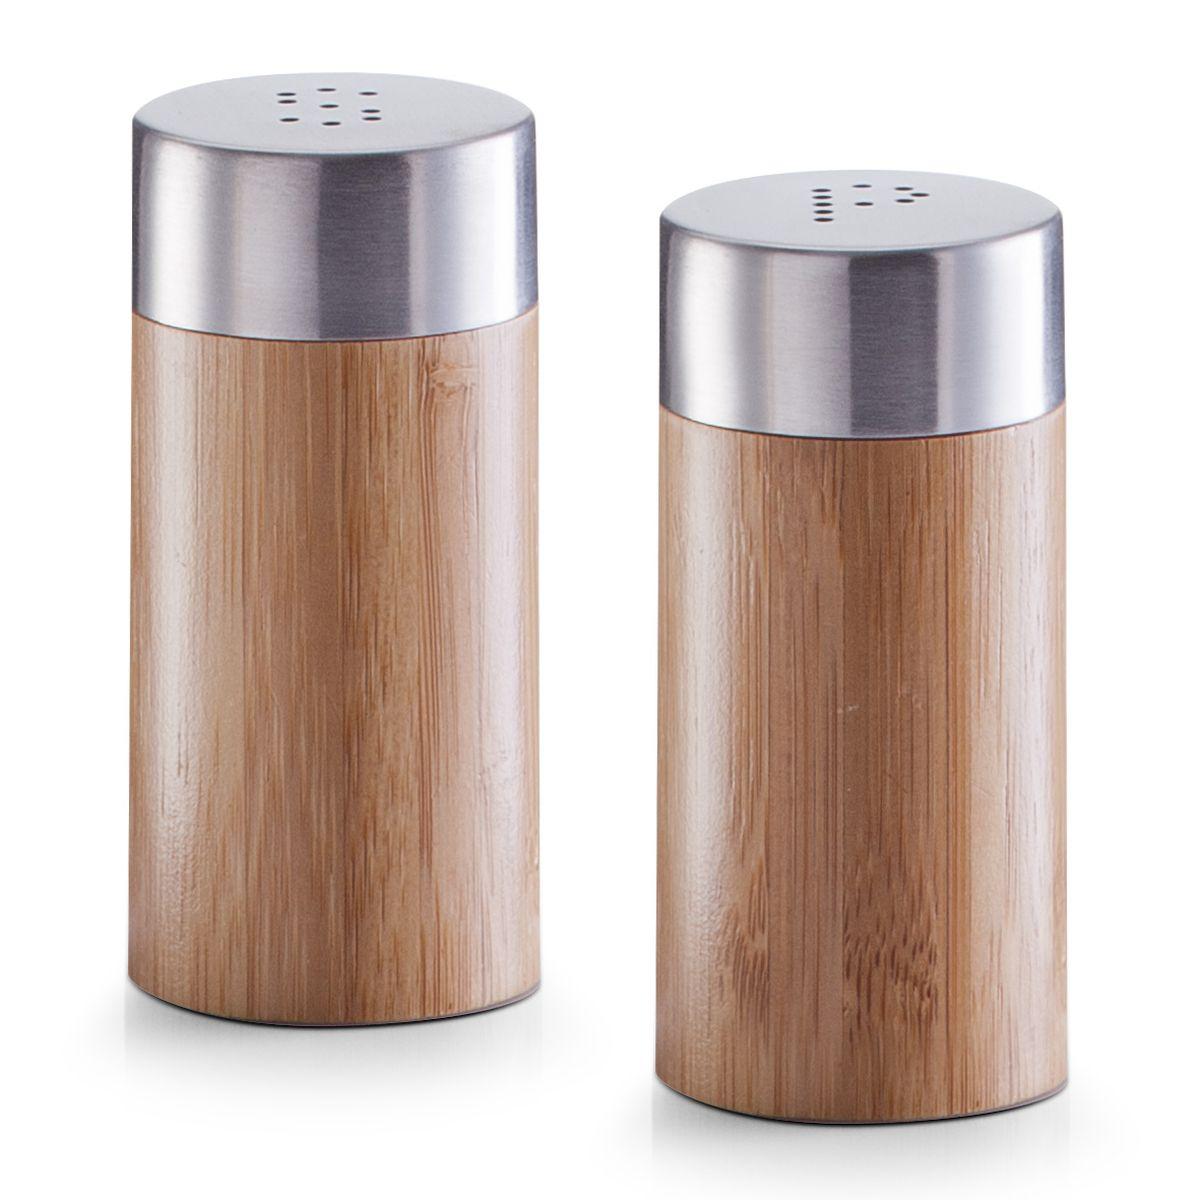 Набор емкостей для специй Zeller, 2 шт21395599Набор Zeller состоит из двух емкостей, изготовленных из дерева, которые предназначены для специй и соли. Изделия оснащены откручивающимися металлическими крышками с отверстиями. Стильная форма этих емкостей привлекает внимание и будет уместна на любой кухне. Диаметр емкости: 4 см. Высота емкости: 8,3 см.